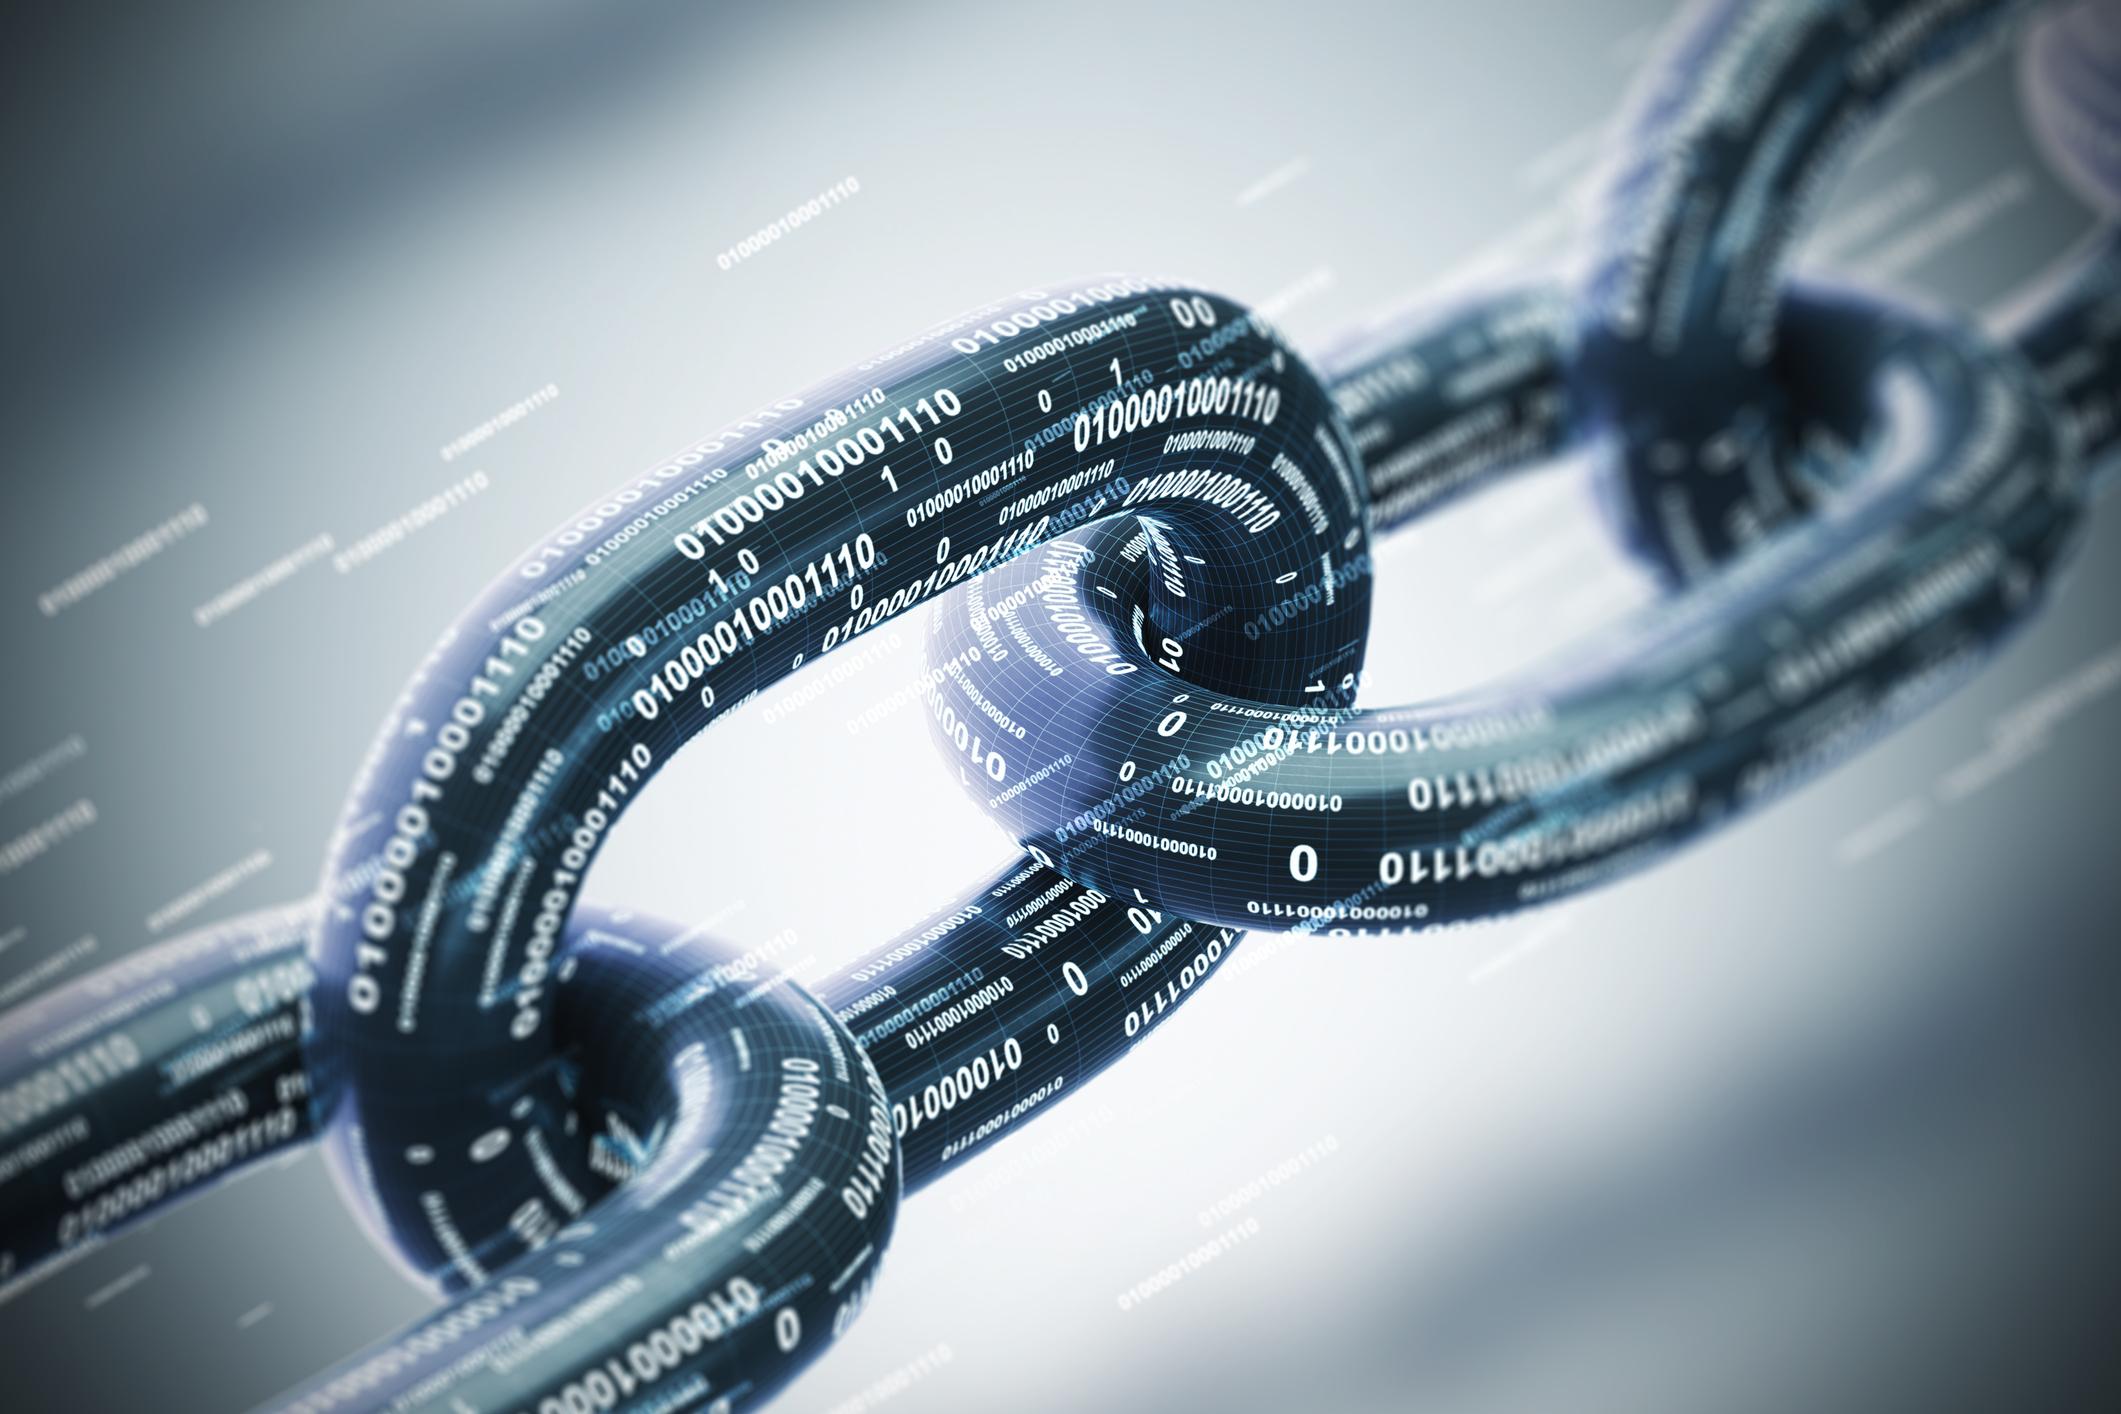 El blockchain también llega a los coches: esto es lo que debes saber